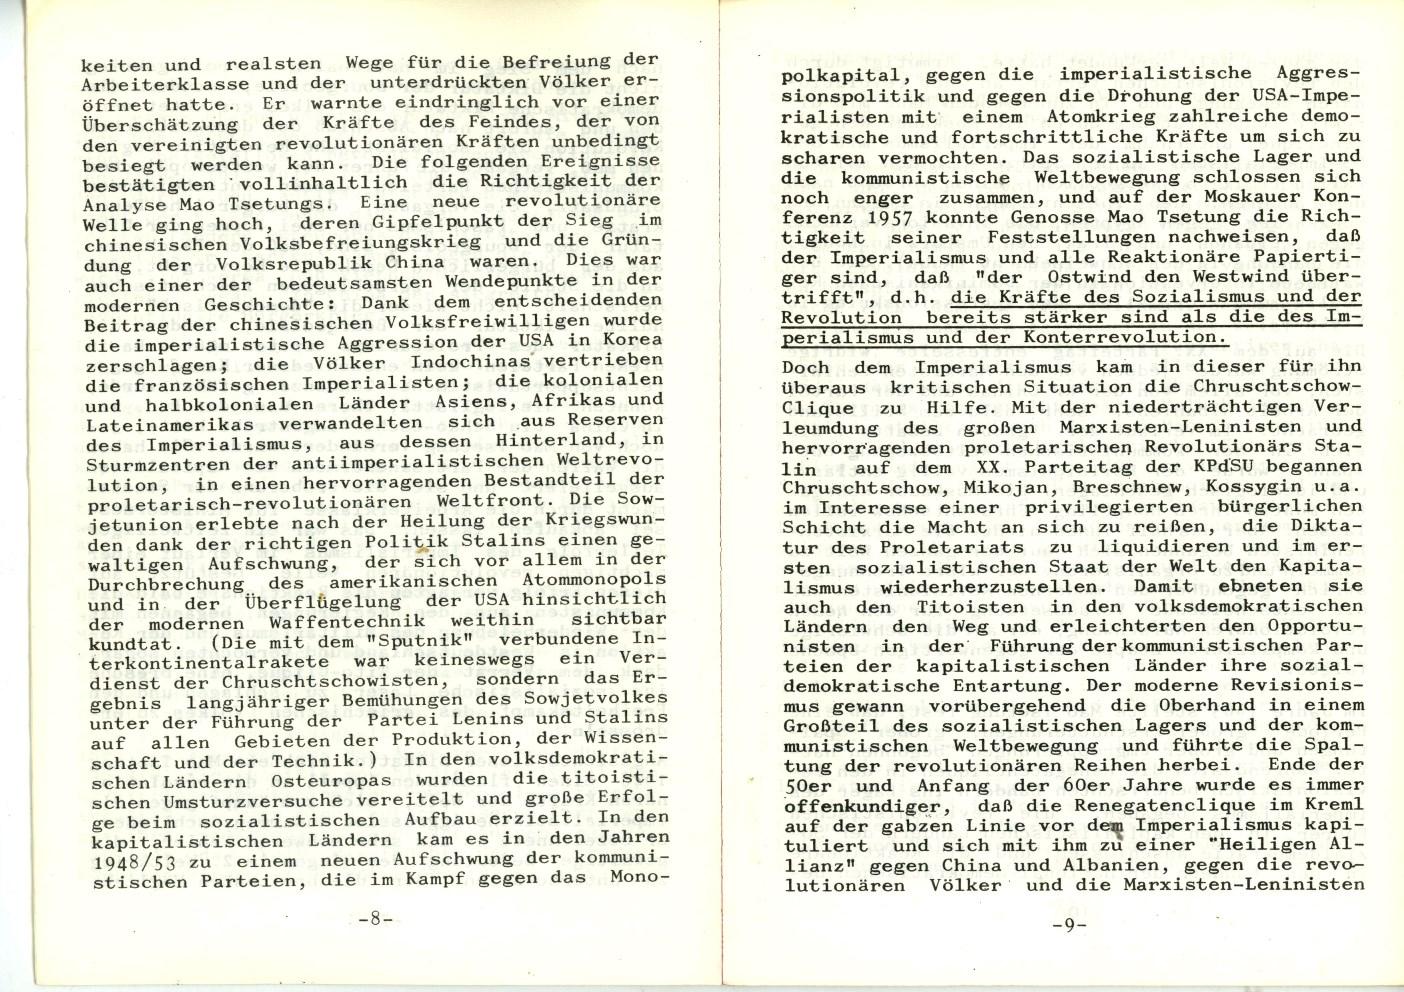 VRA_Grundsatzerklaerung_1971_06